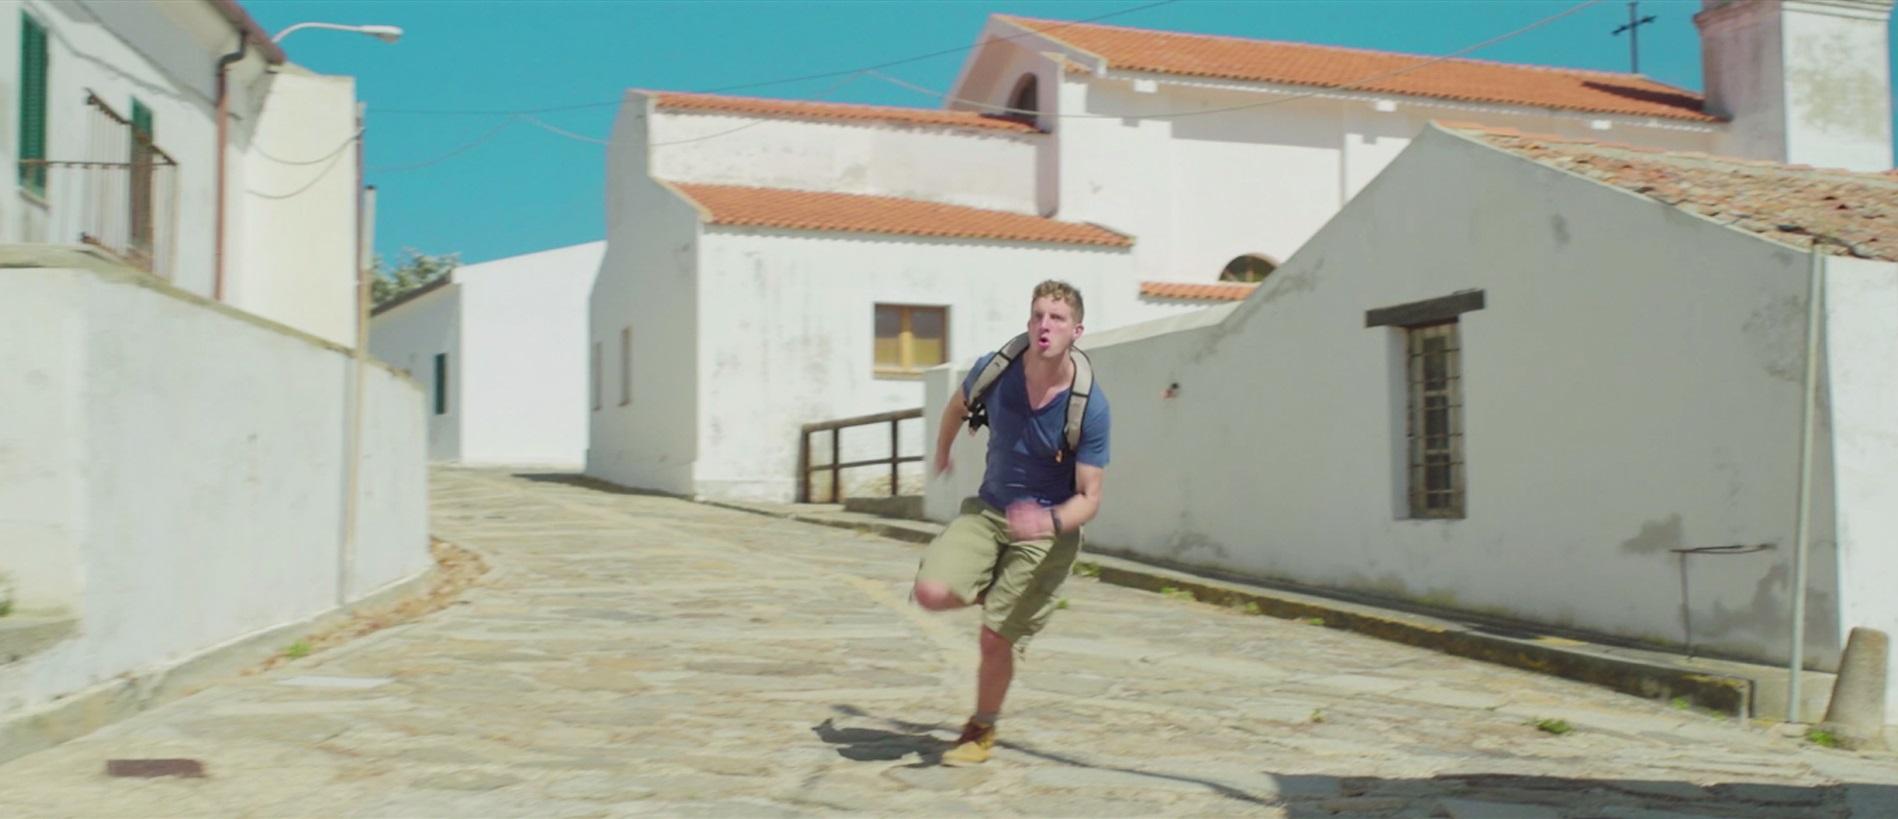 L'Asinara vista con gli occhi di chi la esplora per la prima volta, attraverso spettacolari riprese dal mare, da terra e dall'alto e una narrazione visiva in grado di cogliere scorci dell'isola parco meno conosciuti. Si chiama Last light il nuovo lavoro dei Day Trippers, già autori del video Feel the bay, girato lo scorso anno nella spiaggia di Balai, che ottenne migliaia di visualizzazioni su Youtube e Facebook. Il nuovo lavoro sarà online da sabato 12 agosto 2017 su Youtube, nel canale Day Trippers creato dai videomaker.